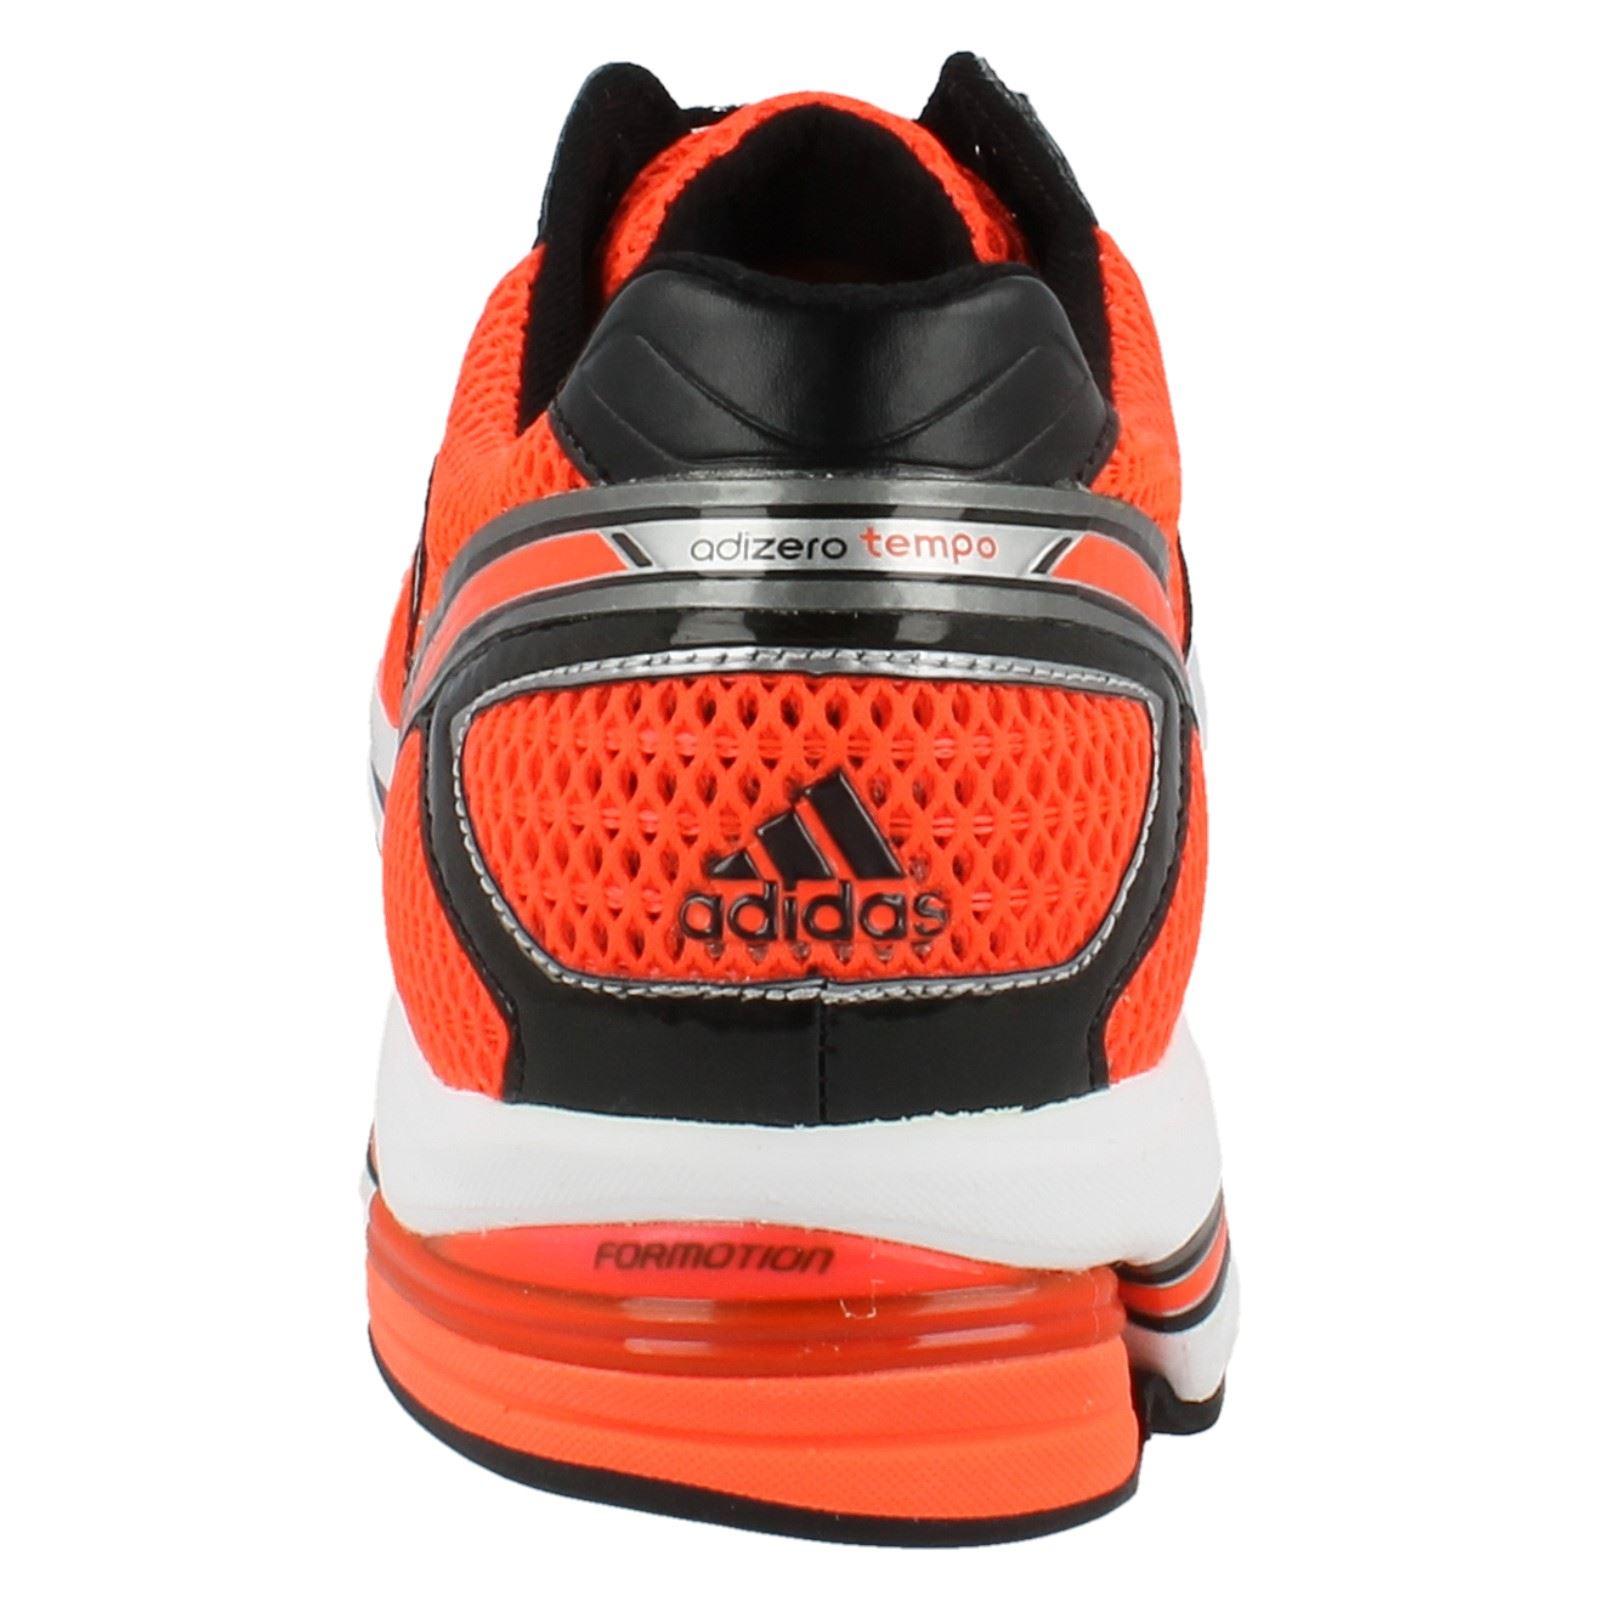 da Uomo Adidas Adidas Adidas Adizero Tempo 4m-W 51d4ff